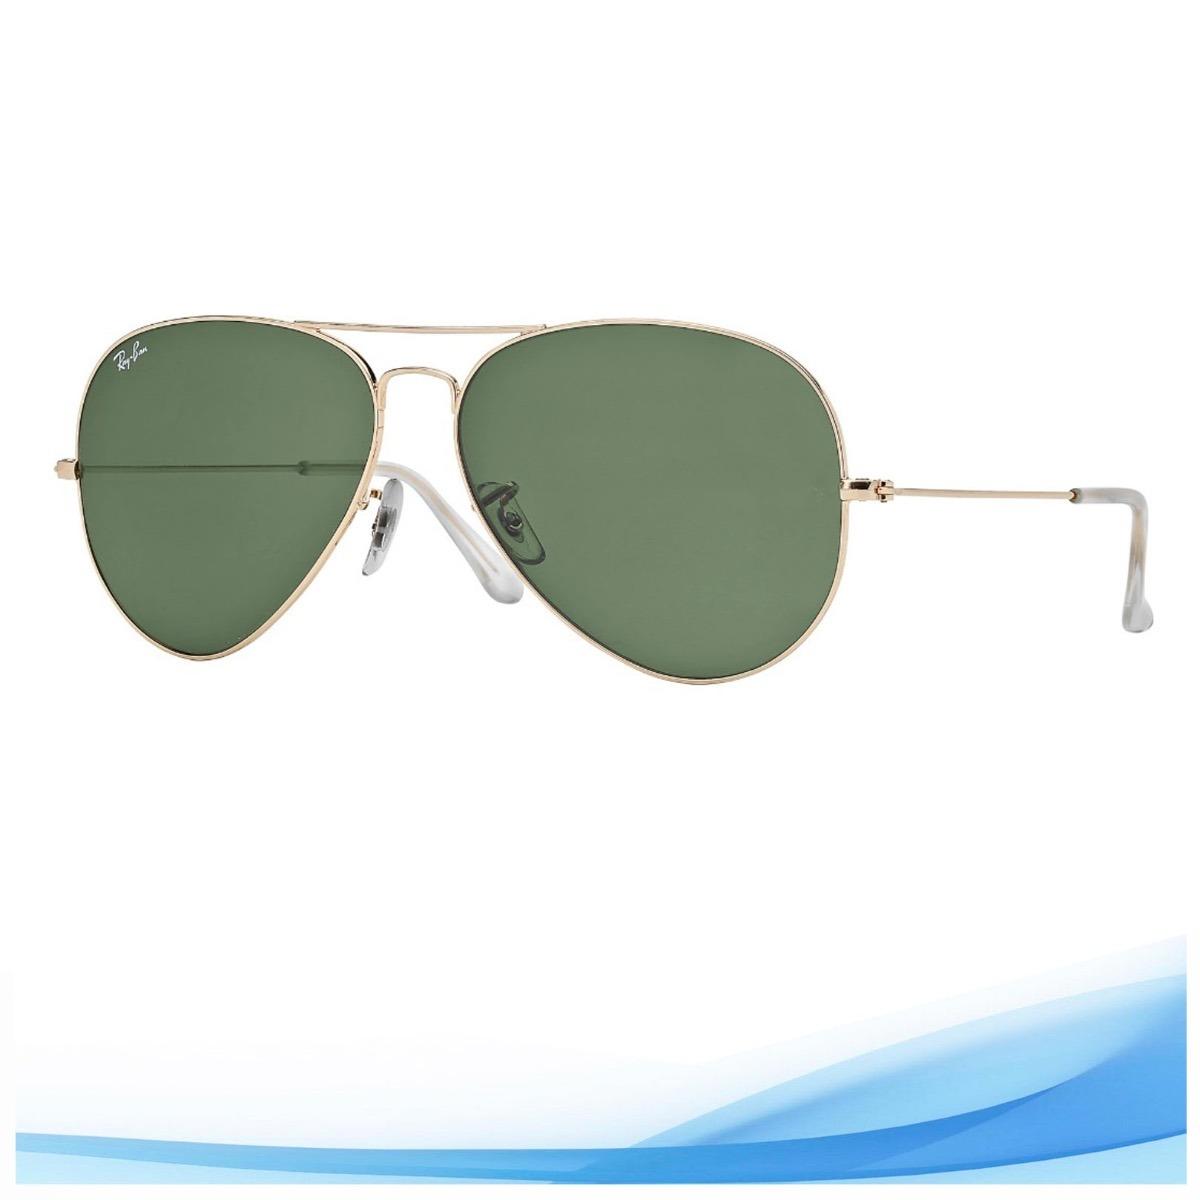 391a8541032d0 anteojo rayban mod. aviator clasico dorado 58mm g15 o marron. Cargando zoom.